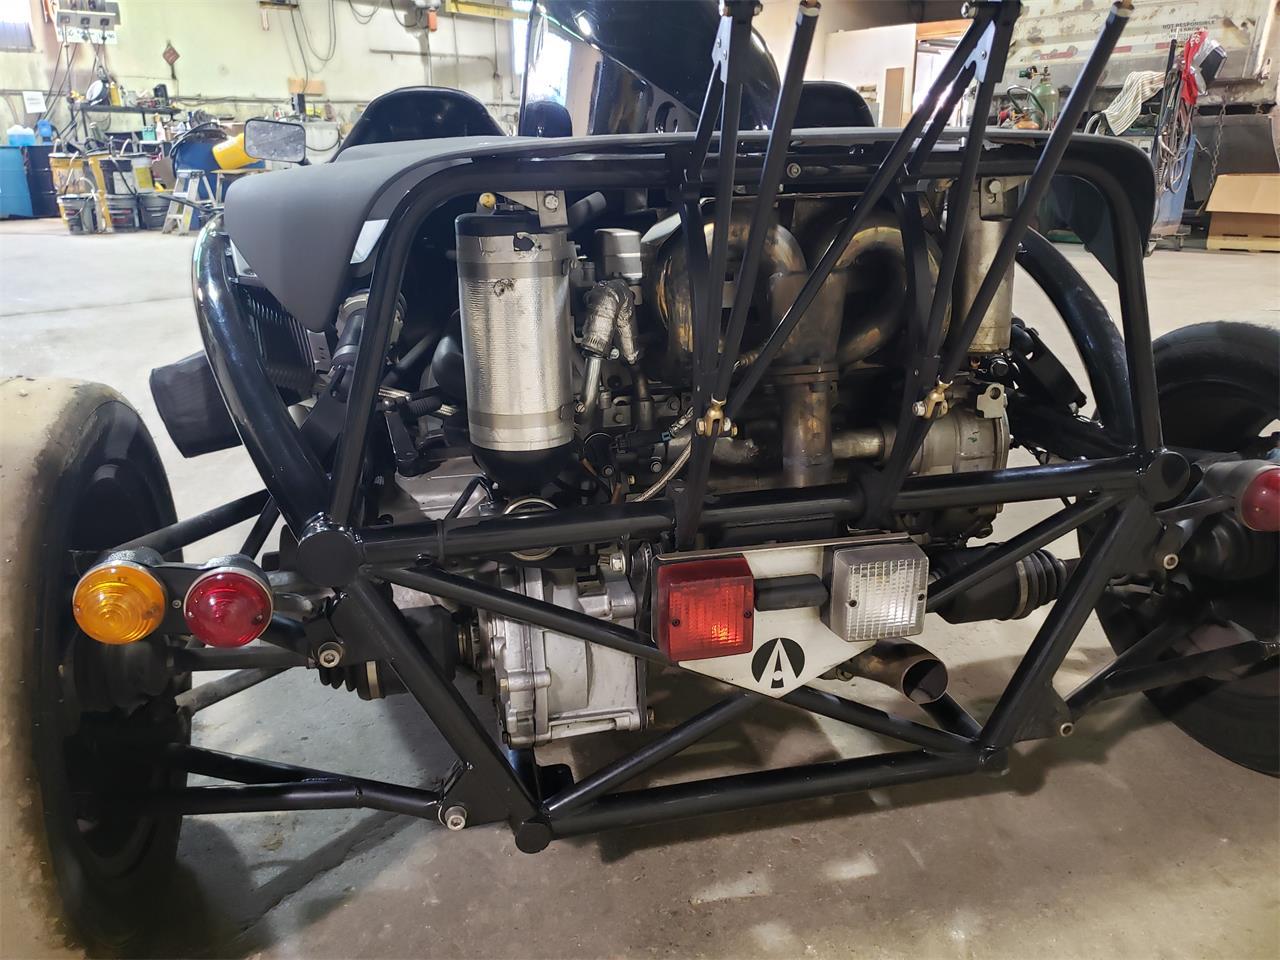 2006 Ariel Motor Company Ariel Atom 2 (CC-1382516) for sale in North Salt Lake, Utah